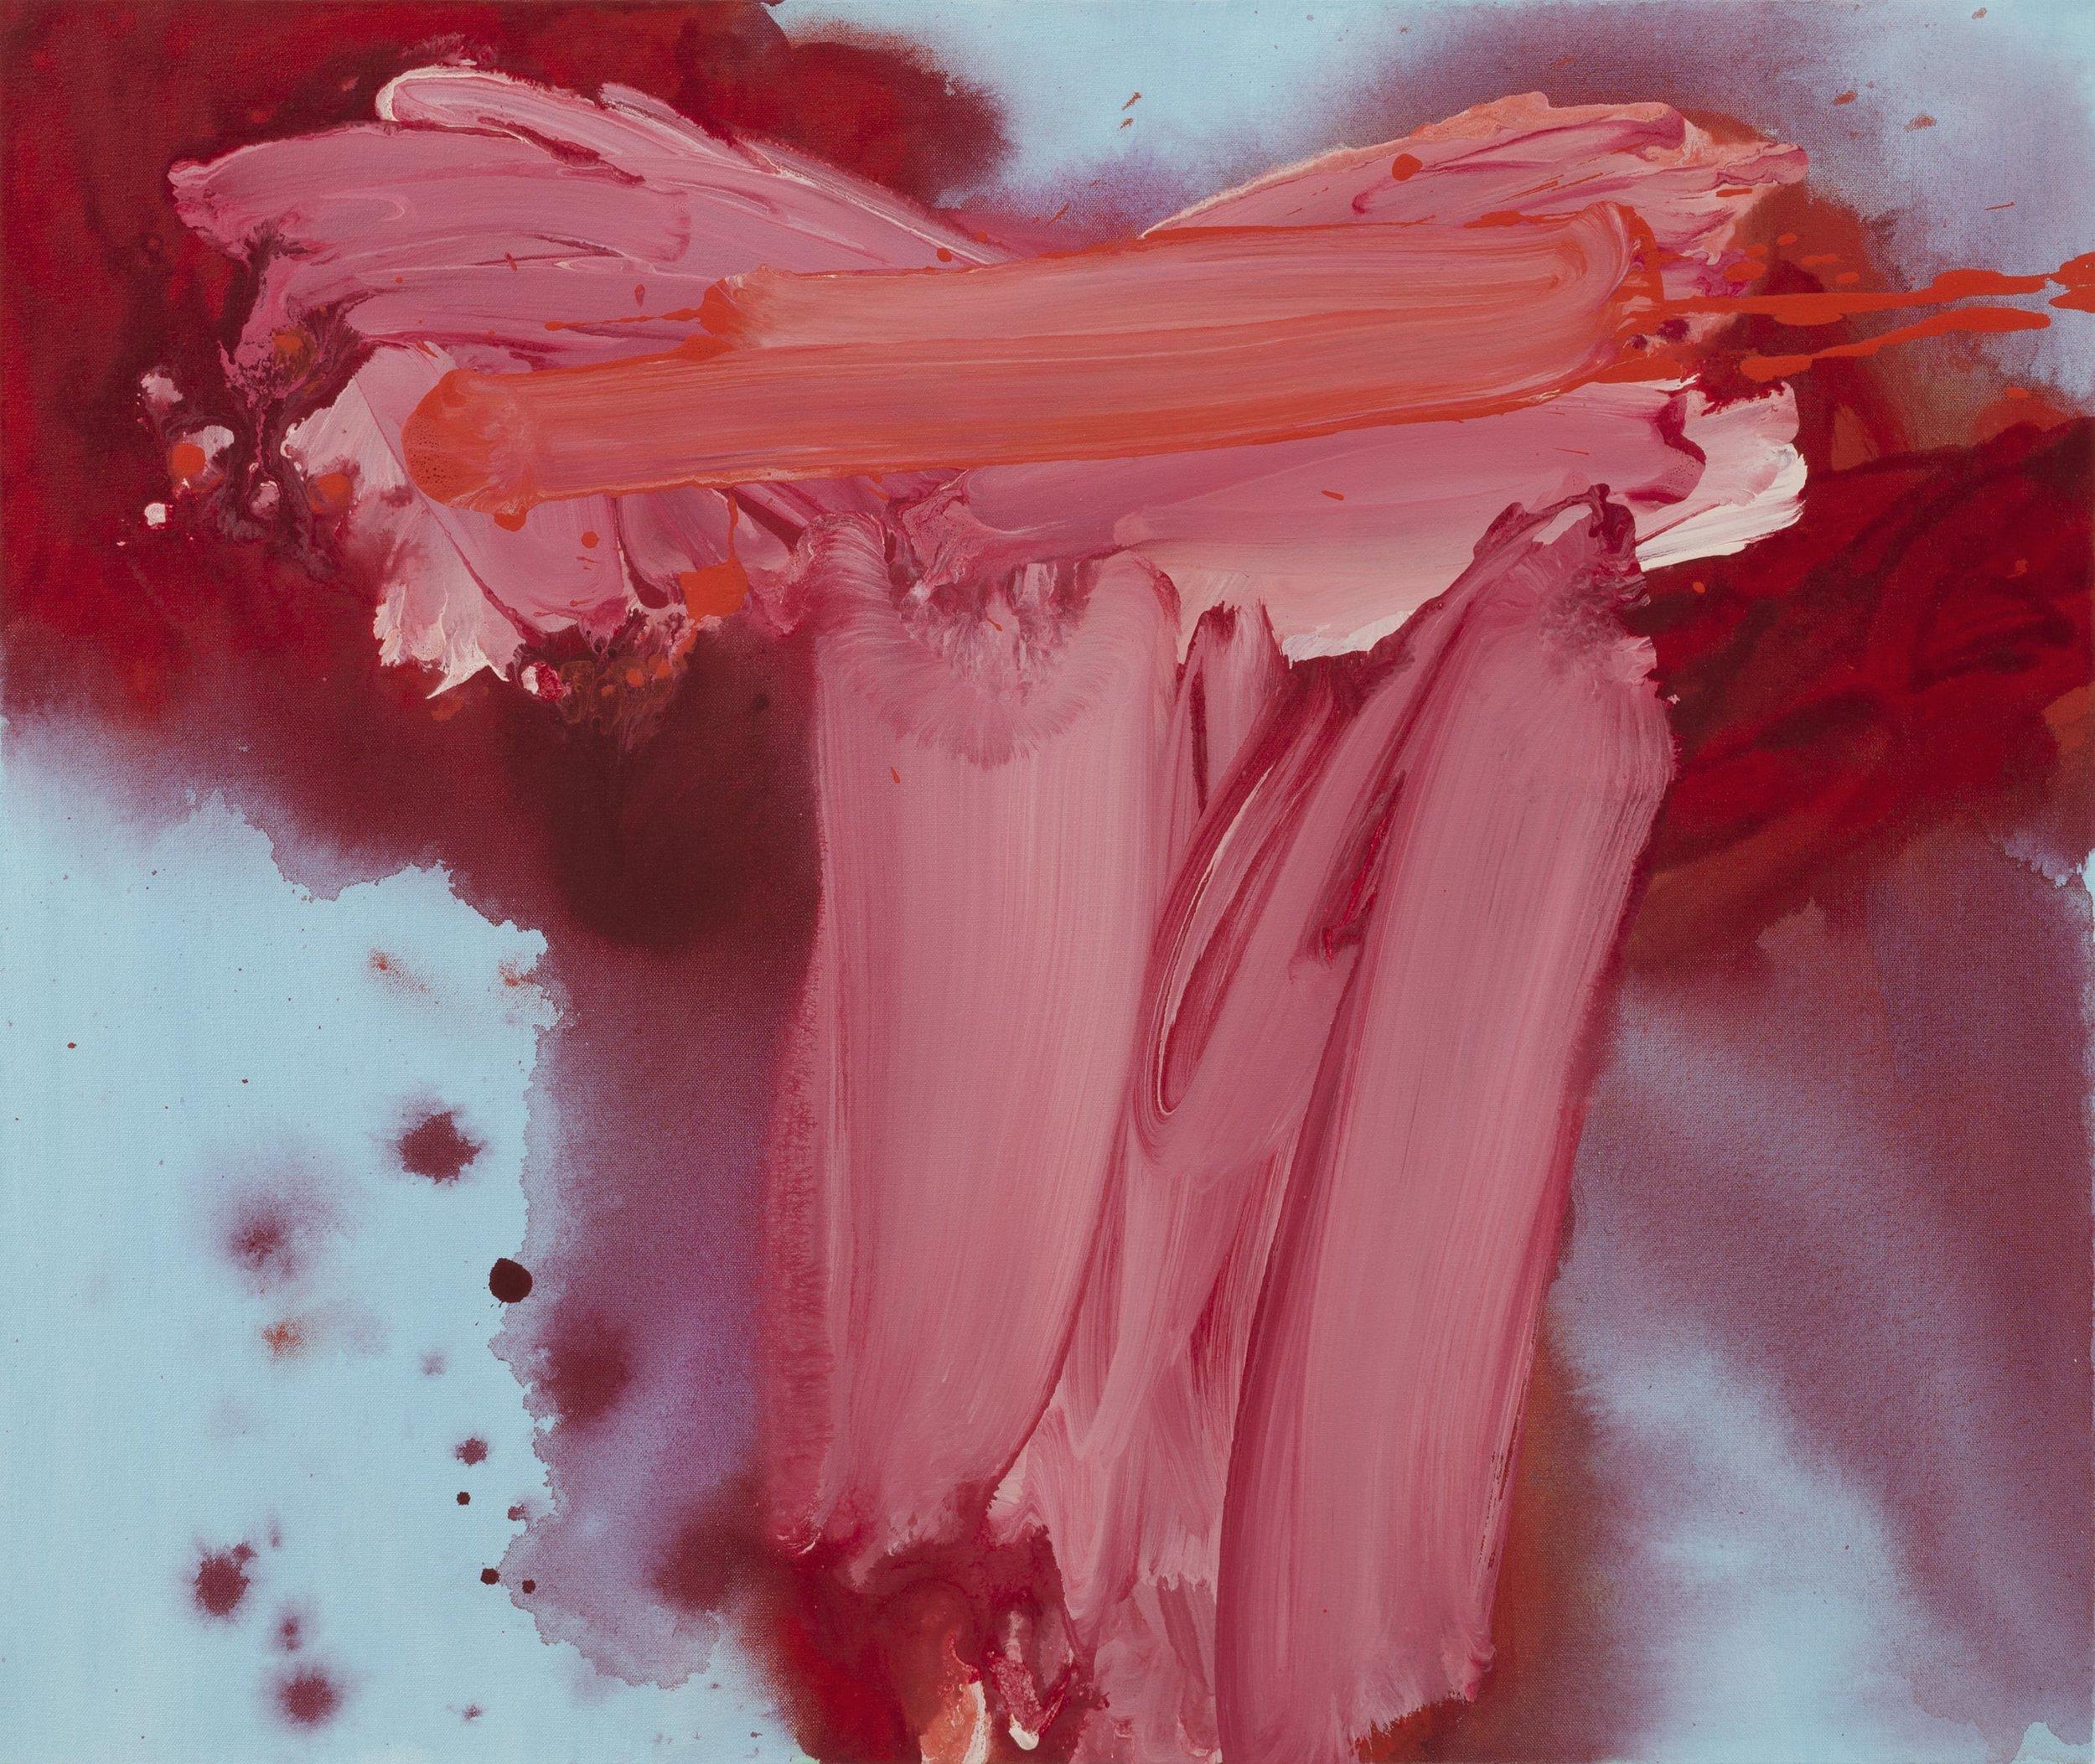 Verve  2011, 64 x 76cm acrylic on canvas